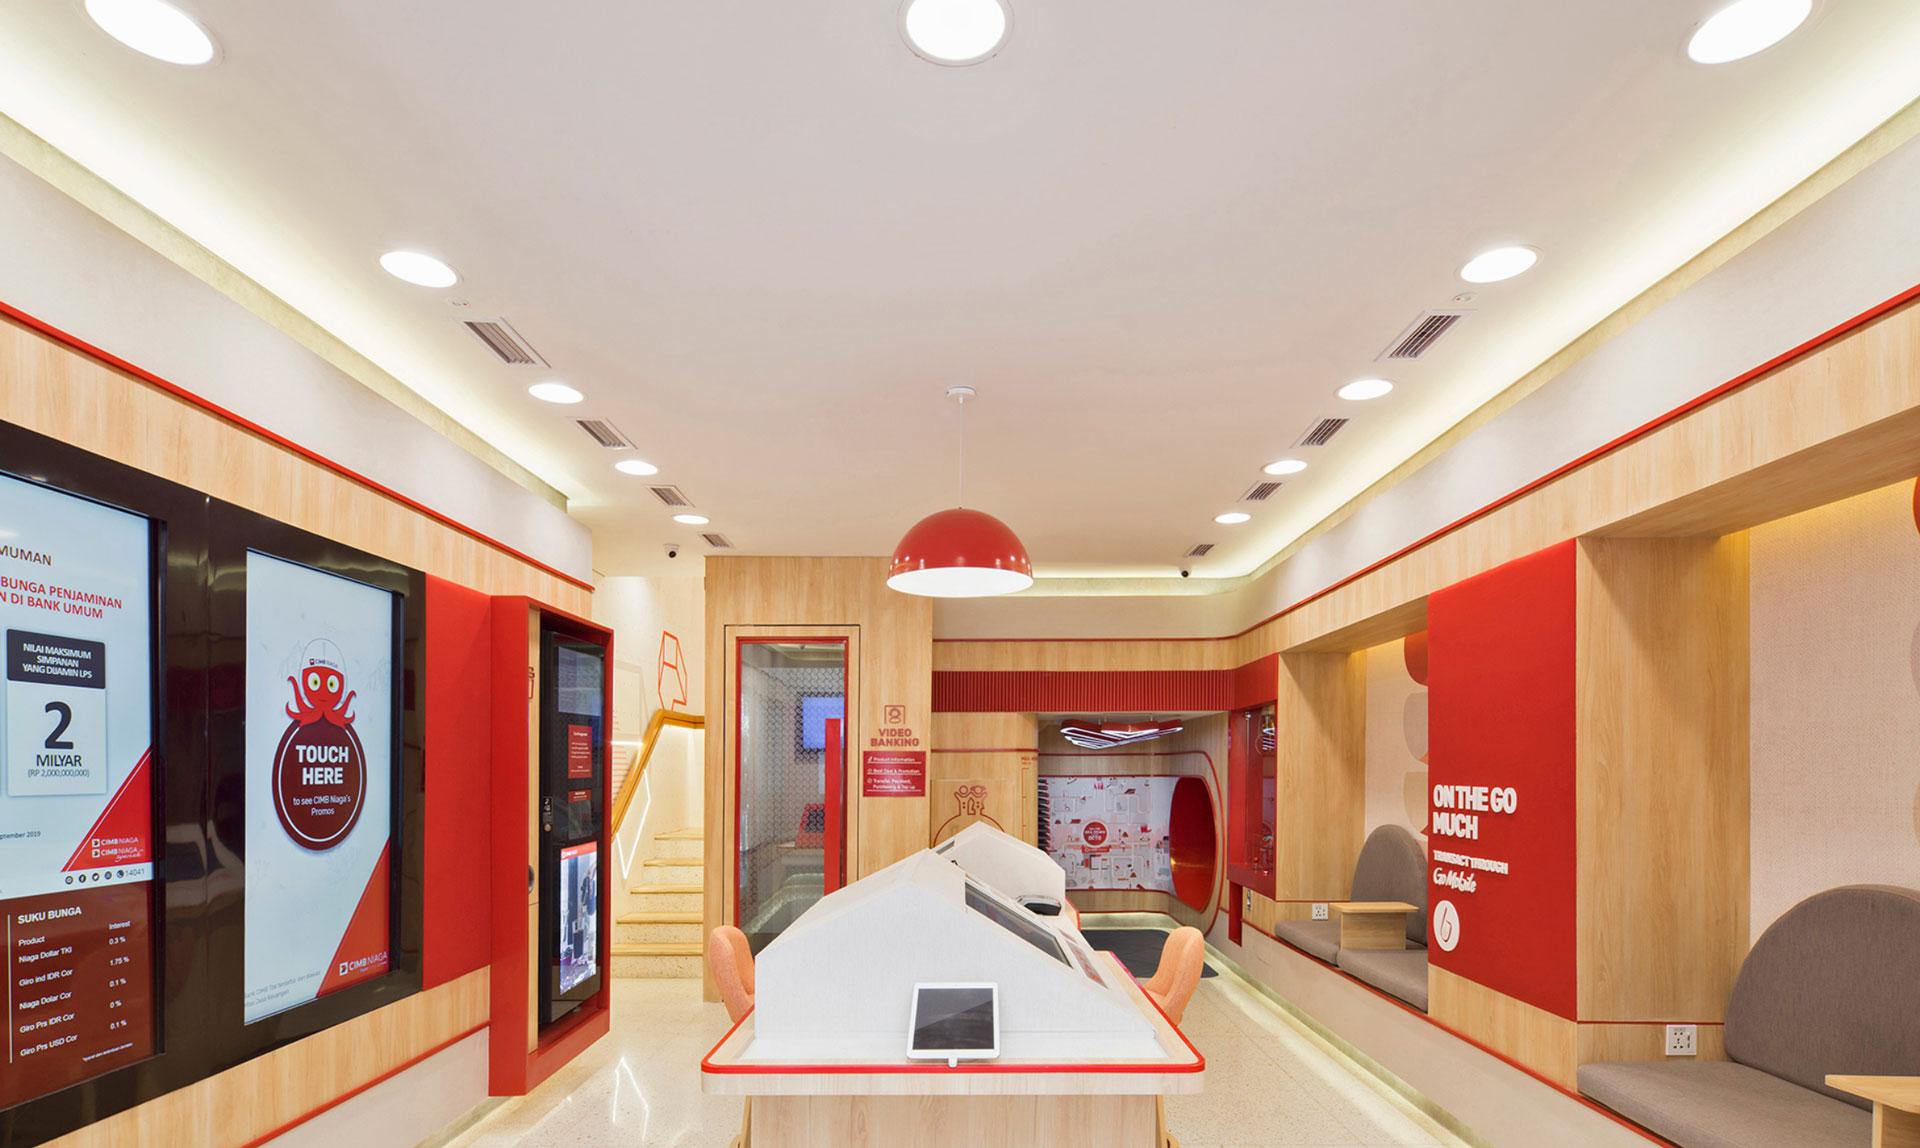 CIMB Niaga Digital Lounge at Home